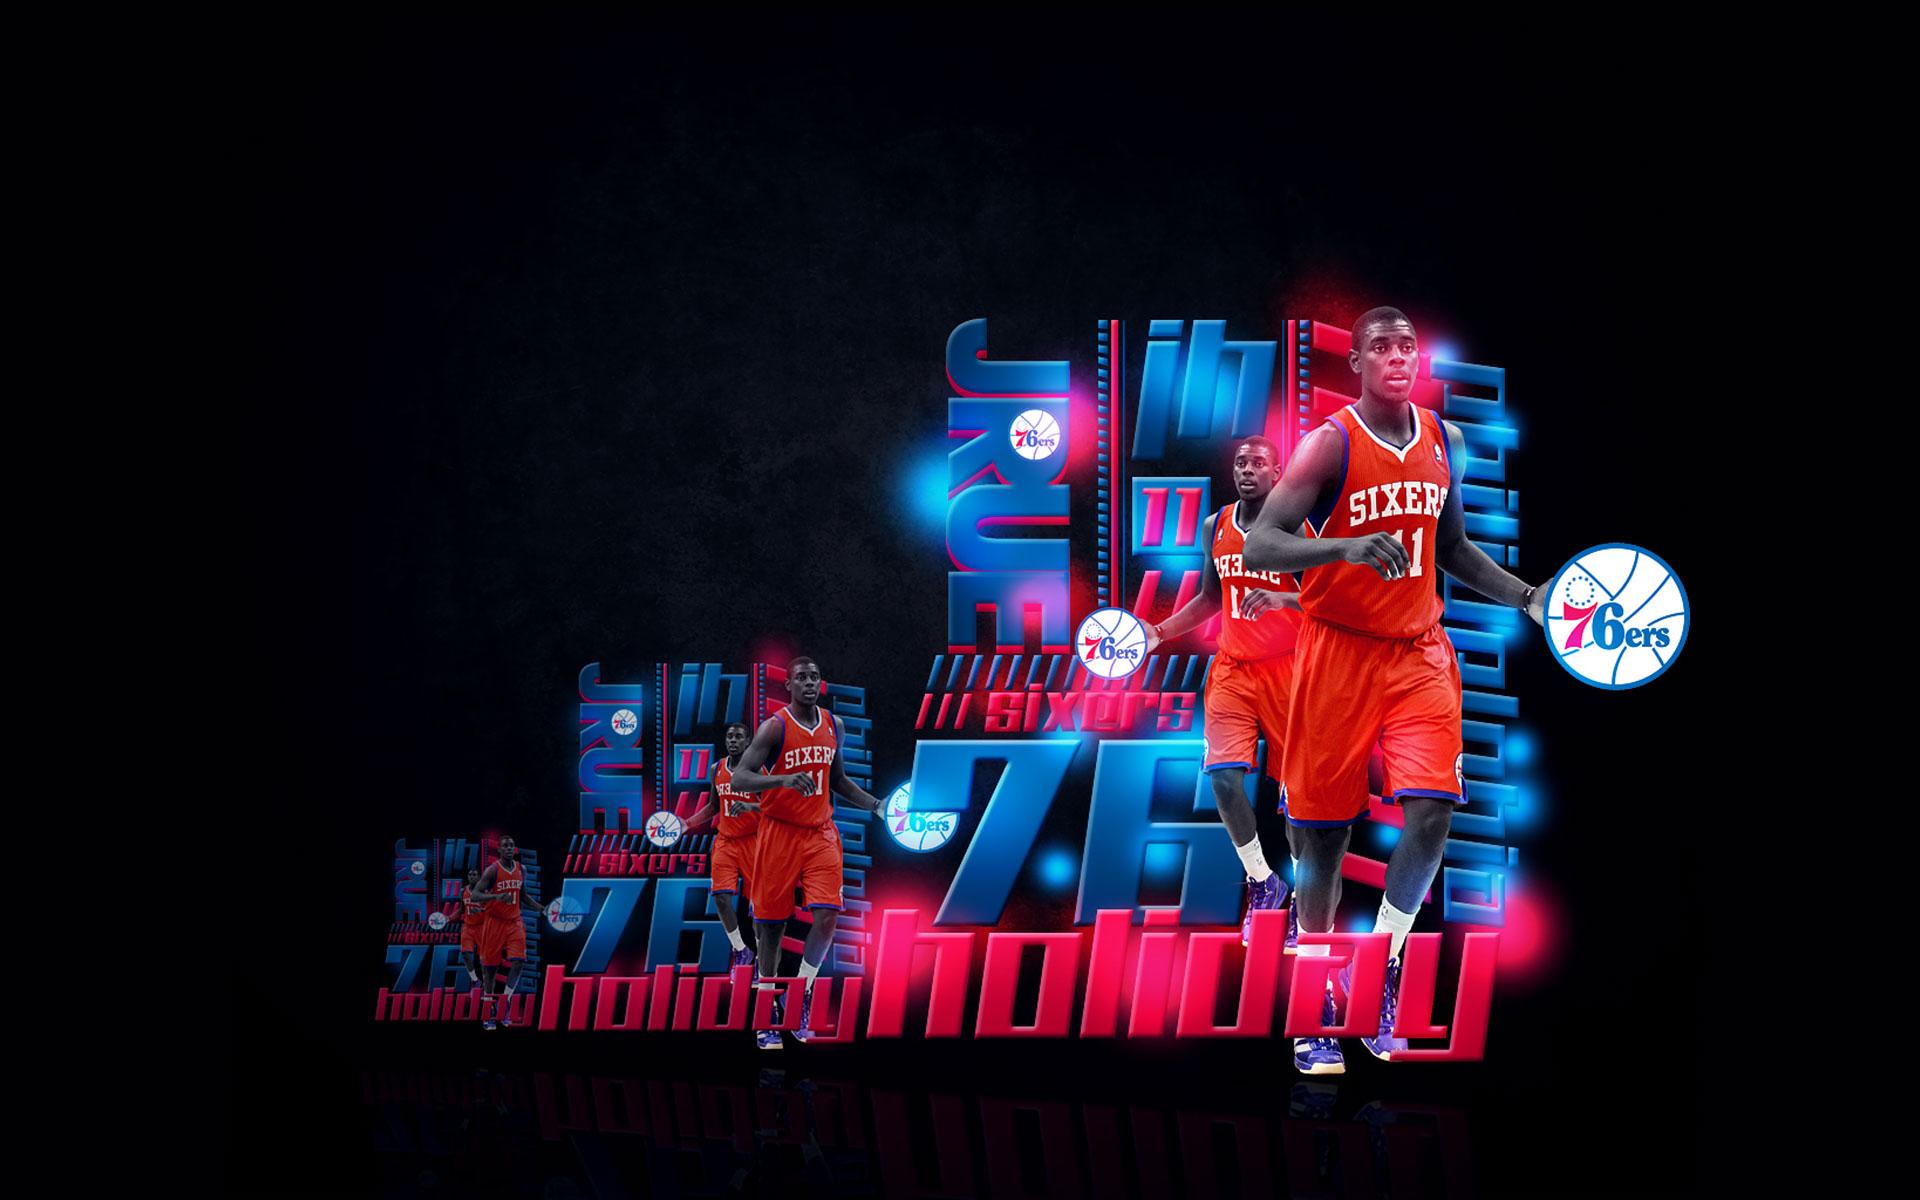 Philadelphia Eagles Wallpaper Hd Hd 76ers Wallpaper Pixelstalk Net